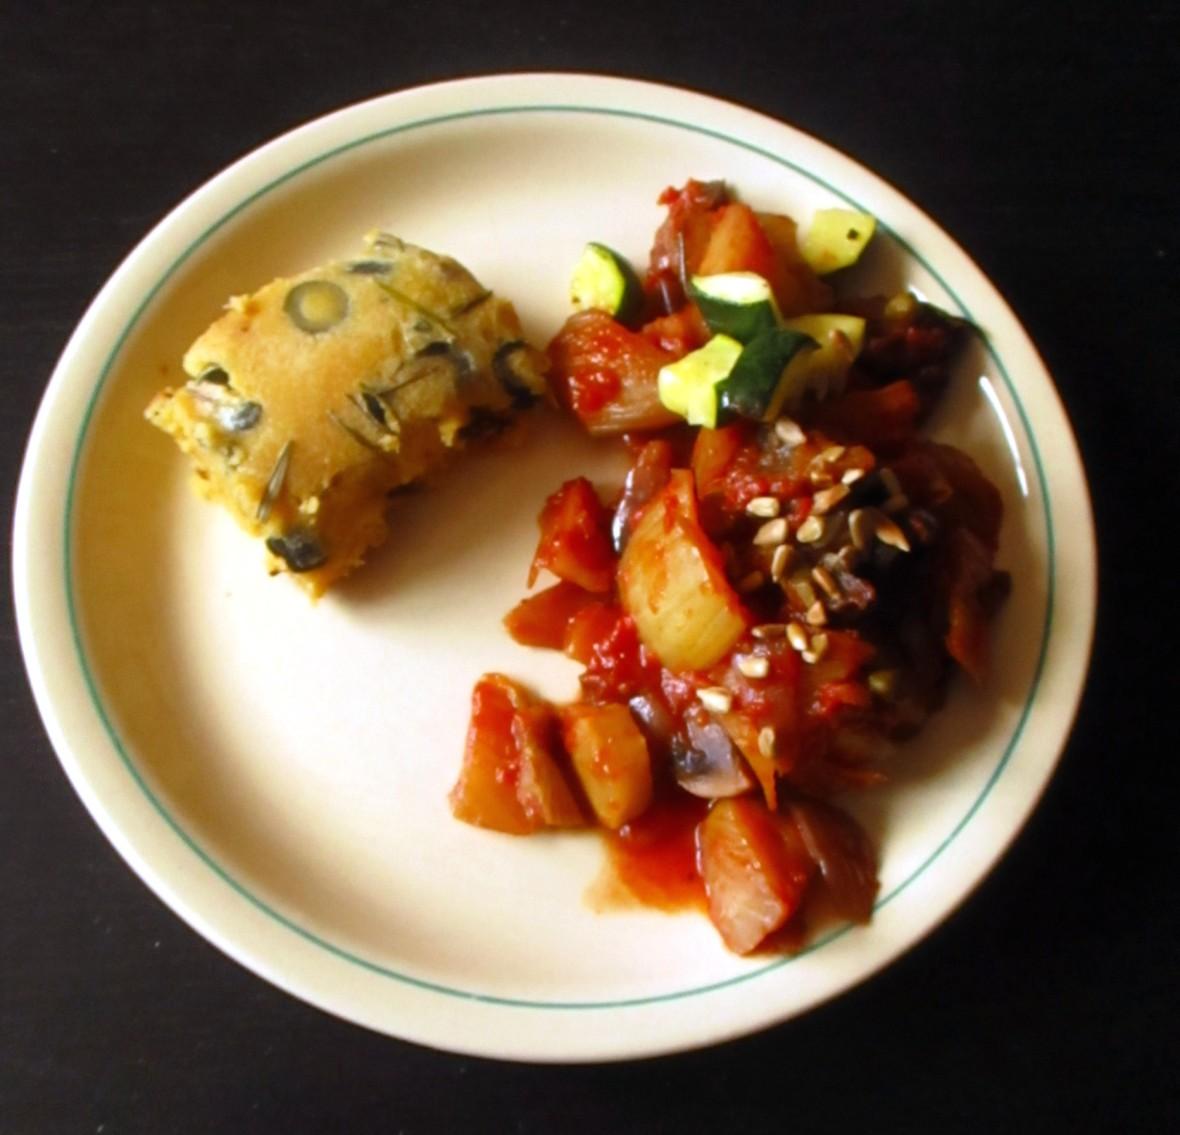 stoofpotje uit d eoven met farinata suikervrij vegan veganistisch glutenvrij sojavrij lactosevrij eivrij